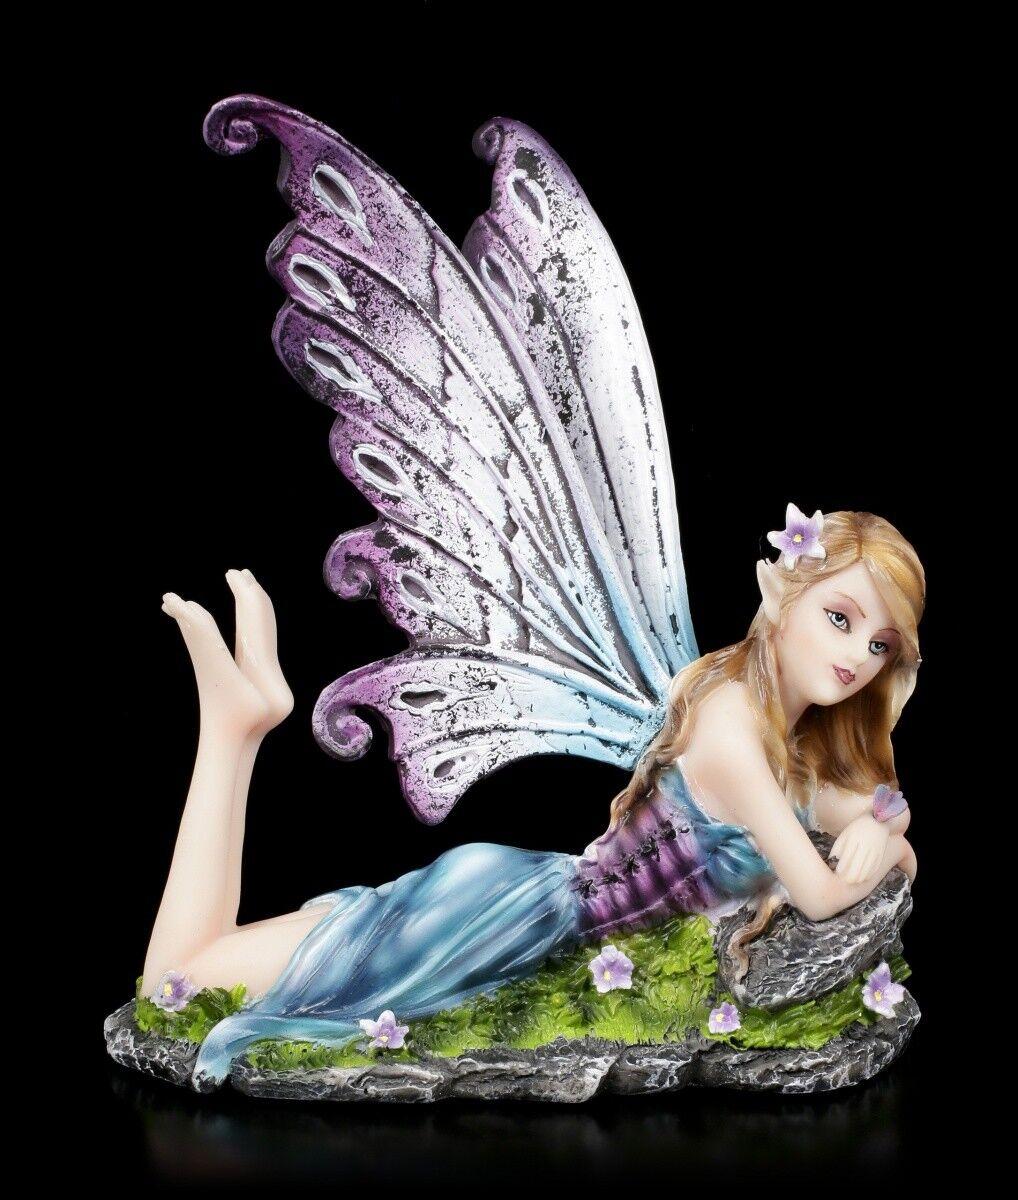 Figura Elfos - Kontania Es Auf Prado - Fantasía Sílfide Hada Estátua Decorativa